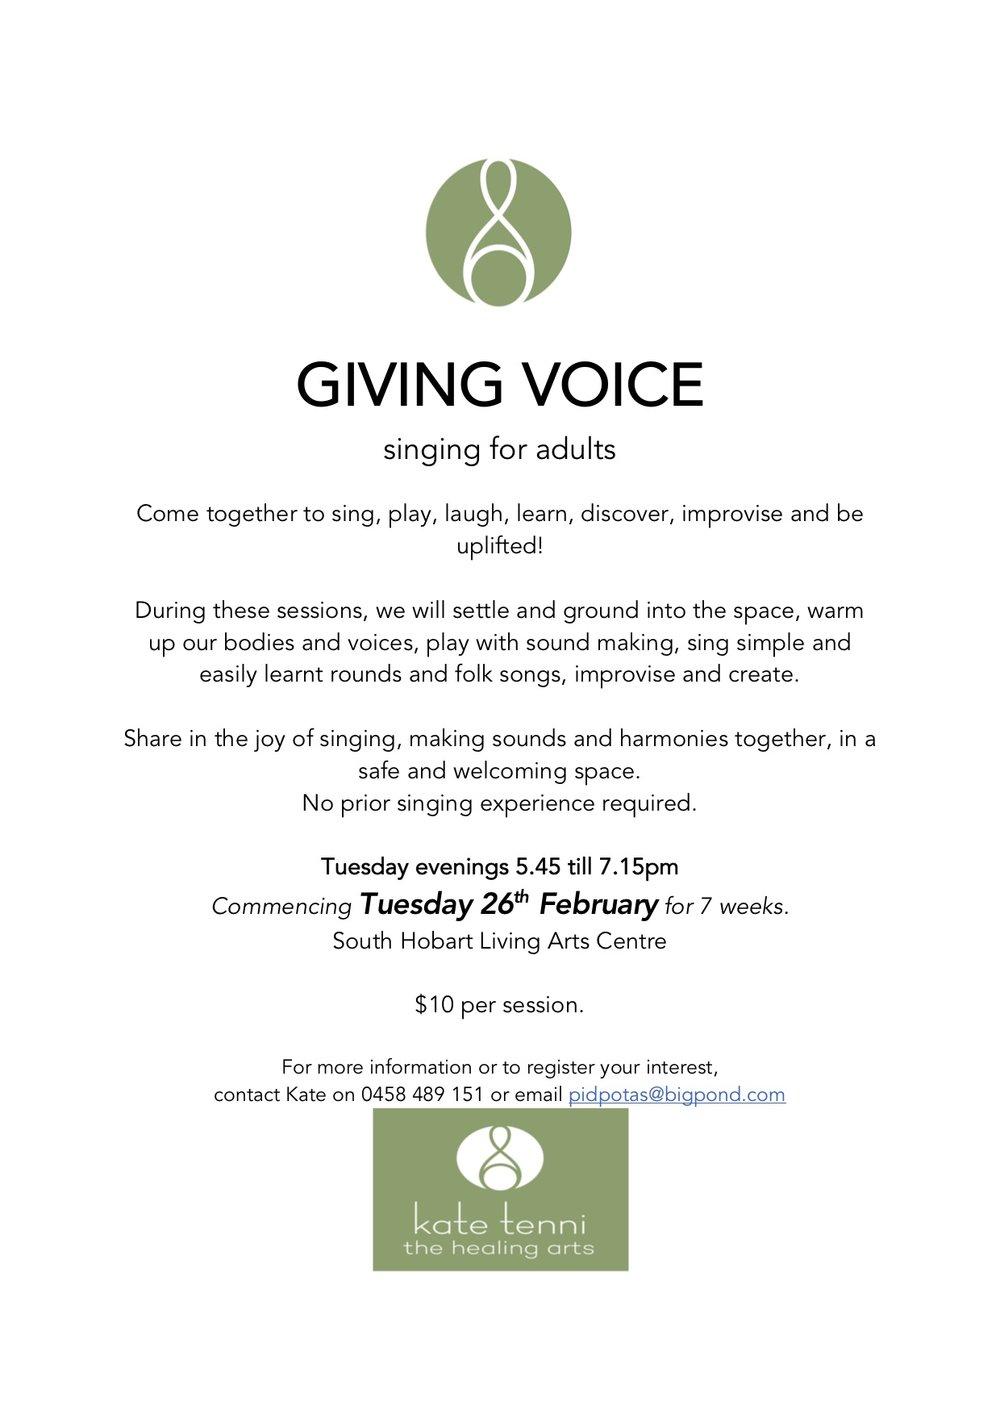 Giving Voice reg flyer.jpg